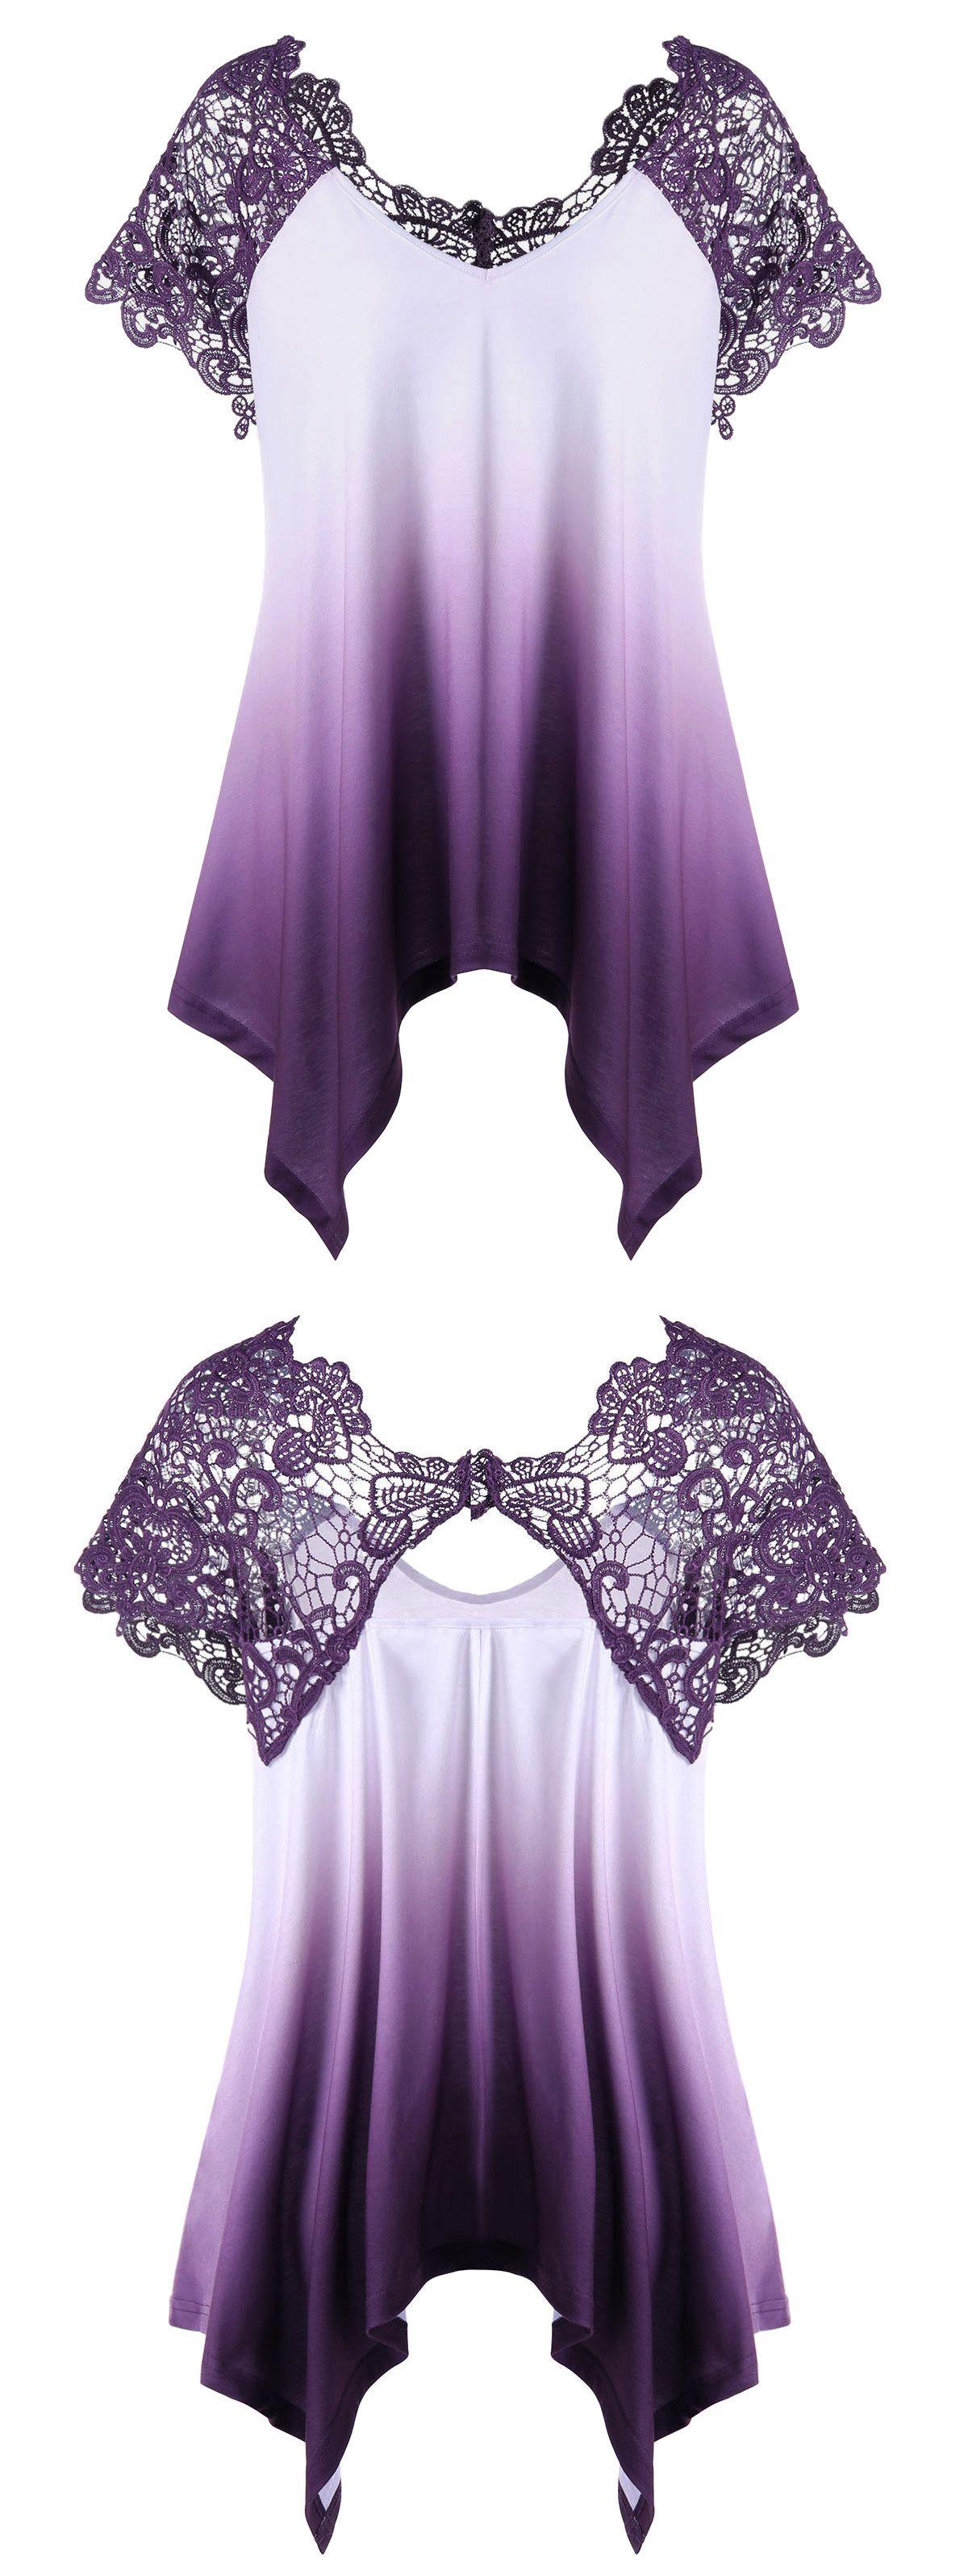 Design your own t shirt london ontario -  18 43 Plus Size Lace Trim Ombre Asymmetric T Shirt Purple